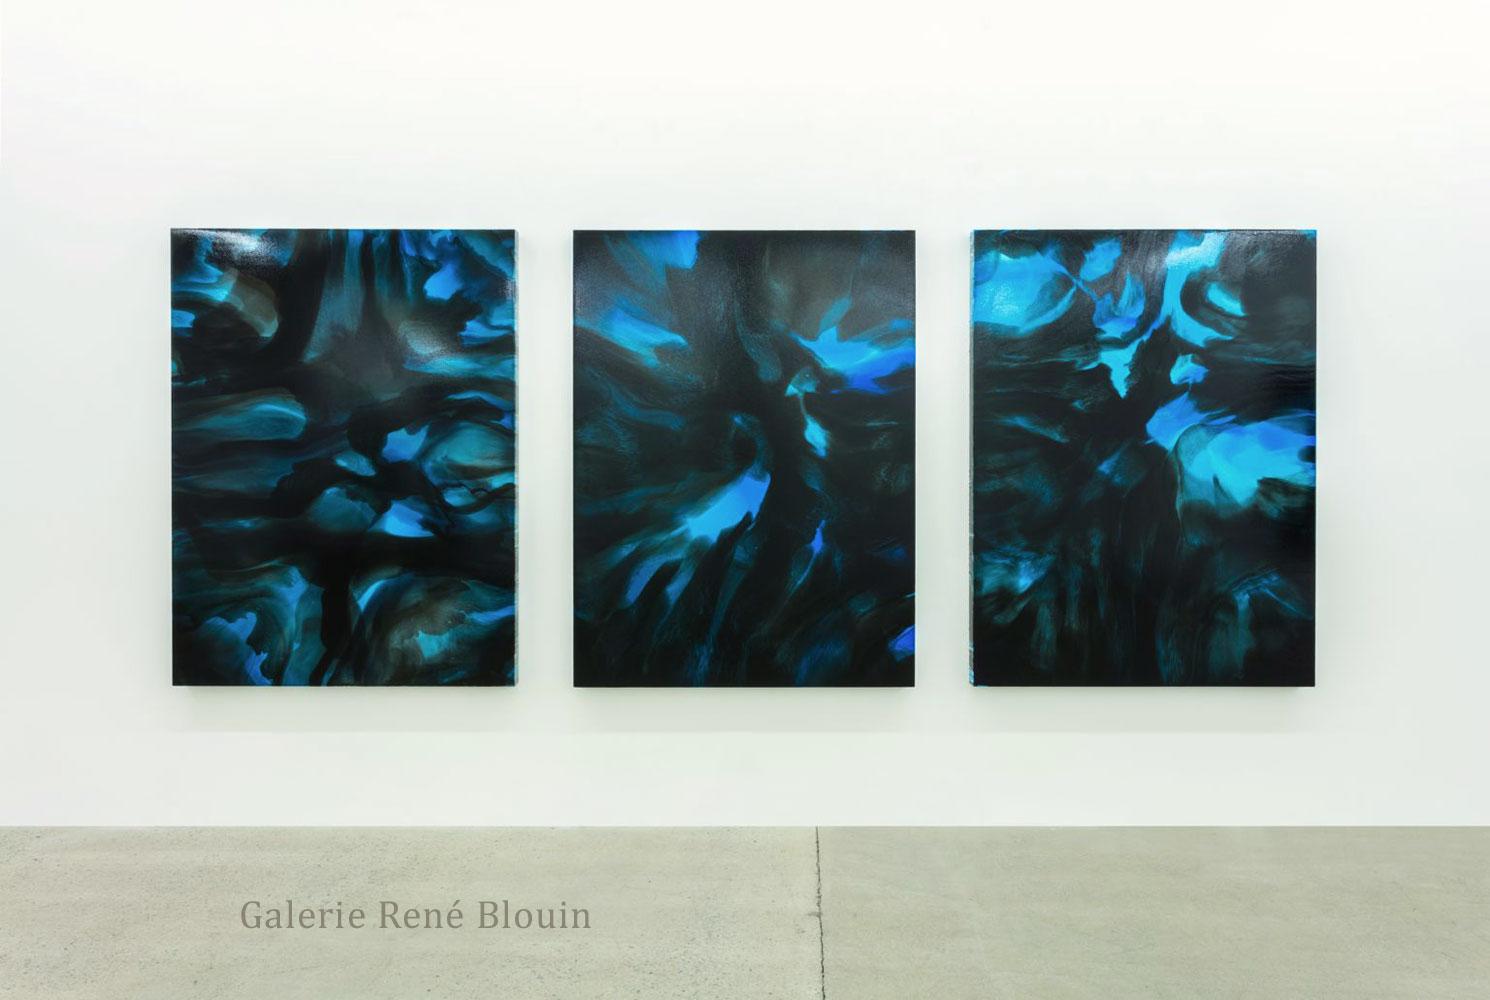 François Lacasse | Lueur bleue I, Lueur bleue II, 2015 et Lueur bleue III, 2016 encre et acrylique sur toile, François Lacasse : Vue d'exposition 2016, Crédit photo : Richard-Max Tremblay